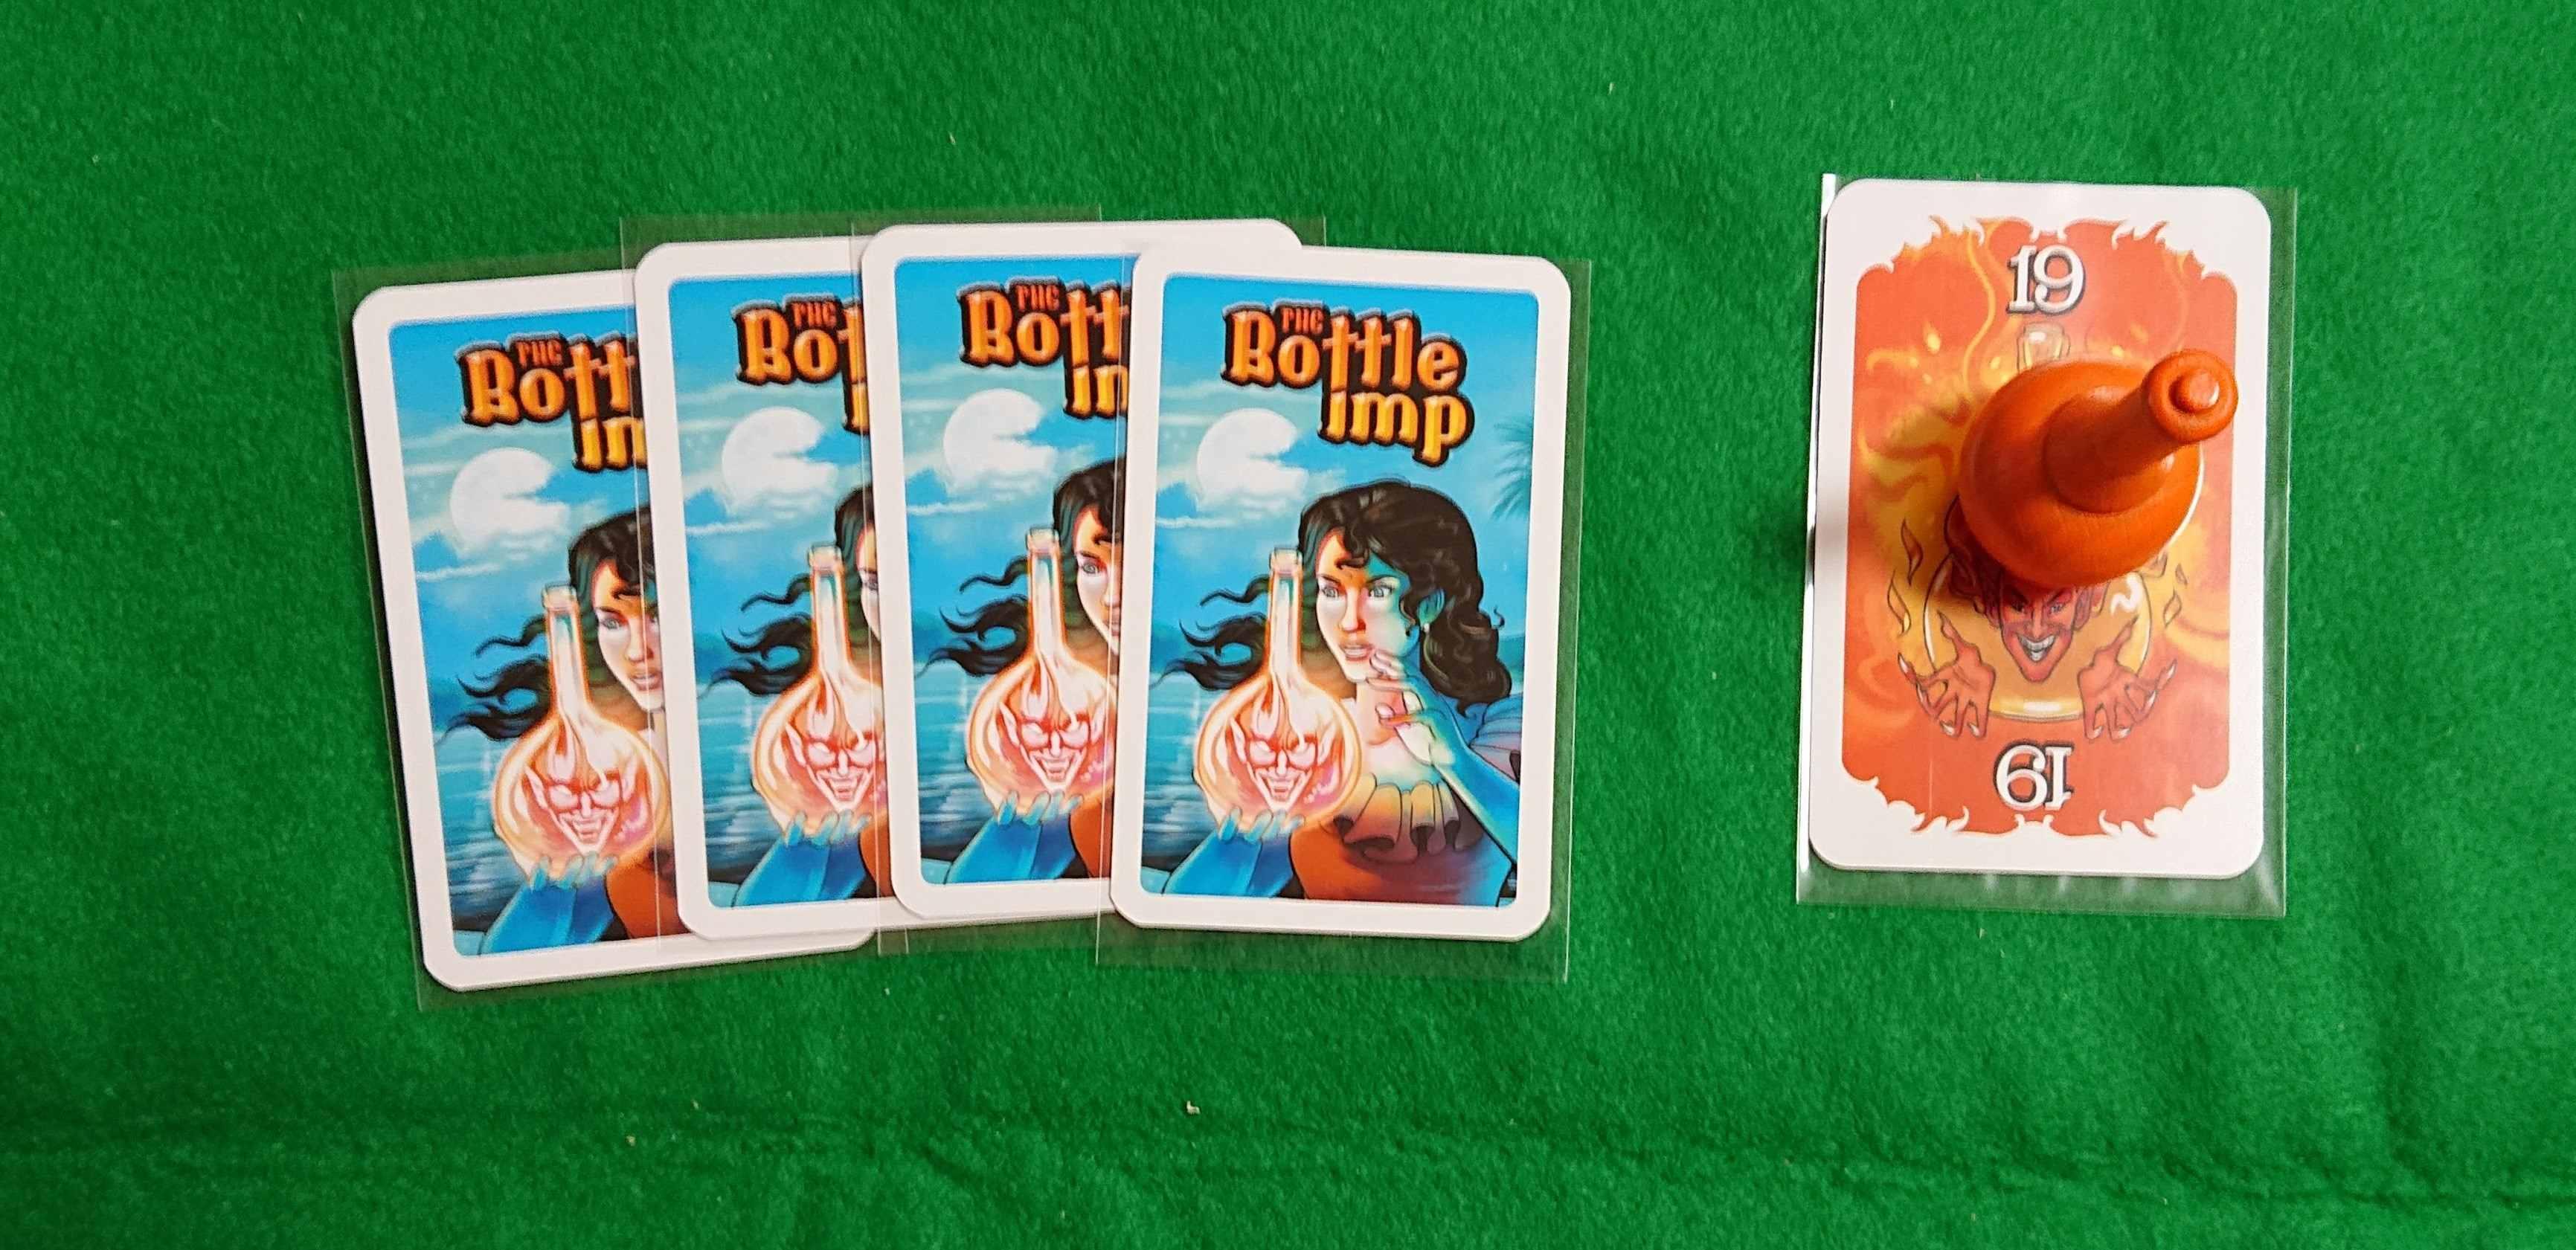 ボトルインプ トリックテイク系カードゲーム ボトルを誰かに押し付ける?! ボードゲーム ルール説明